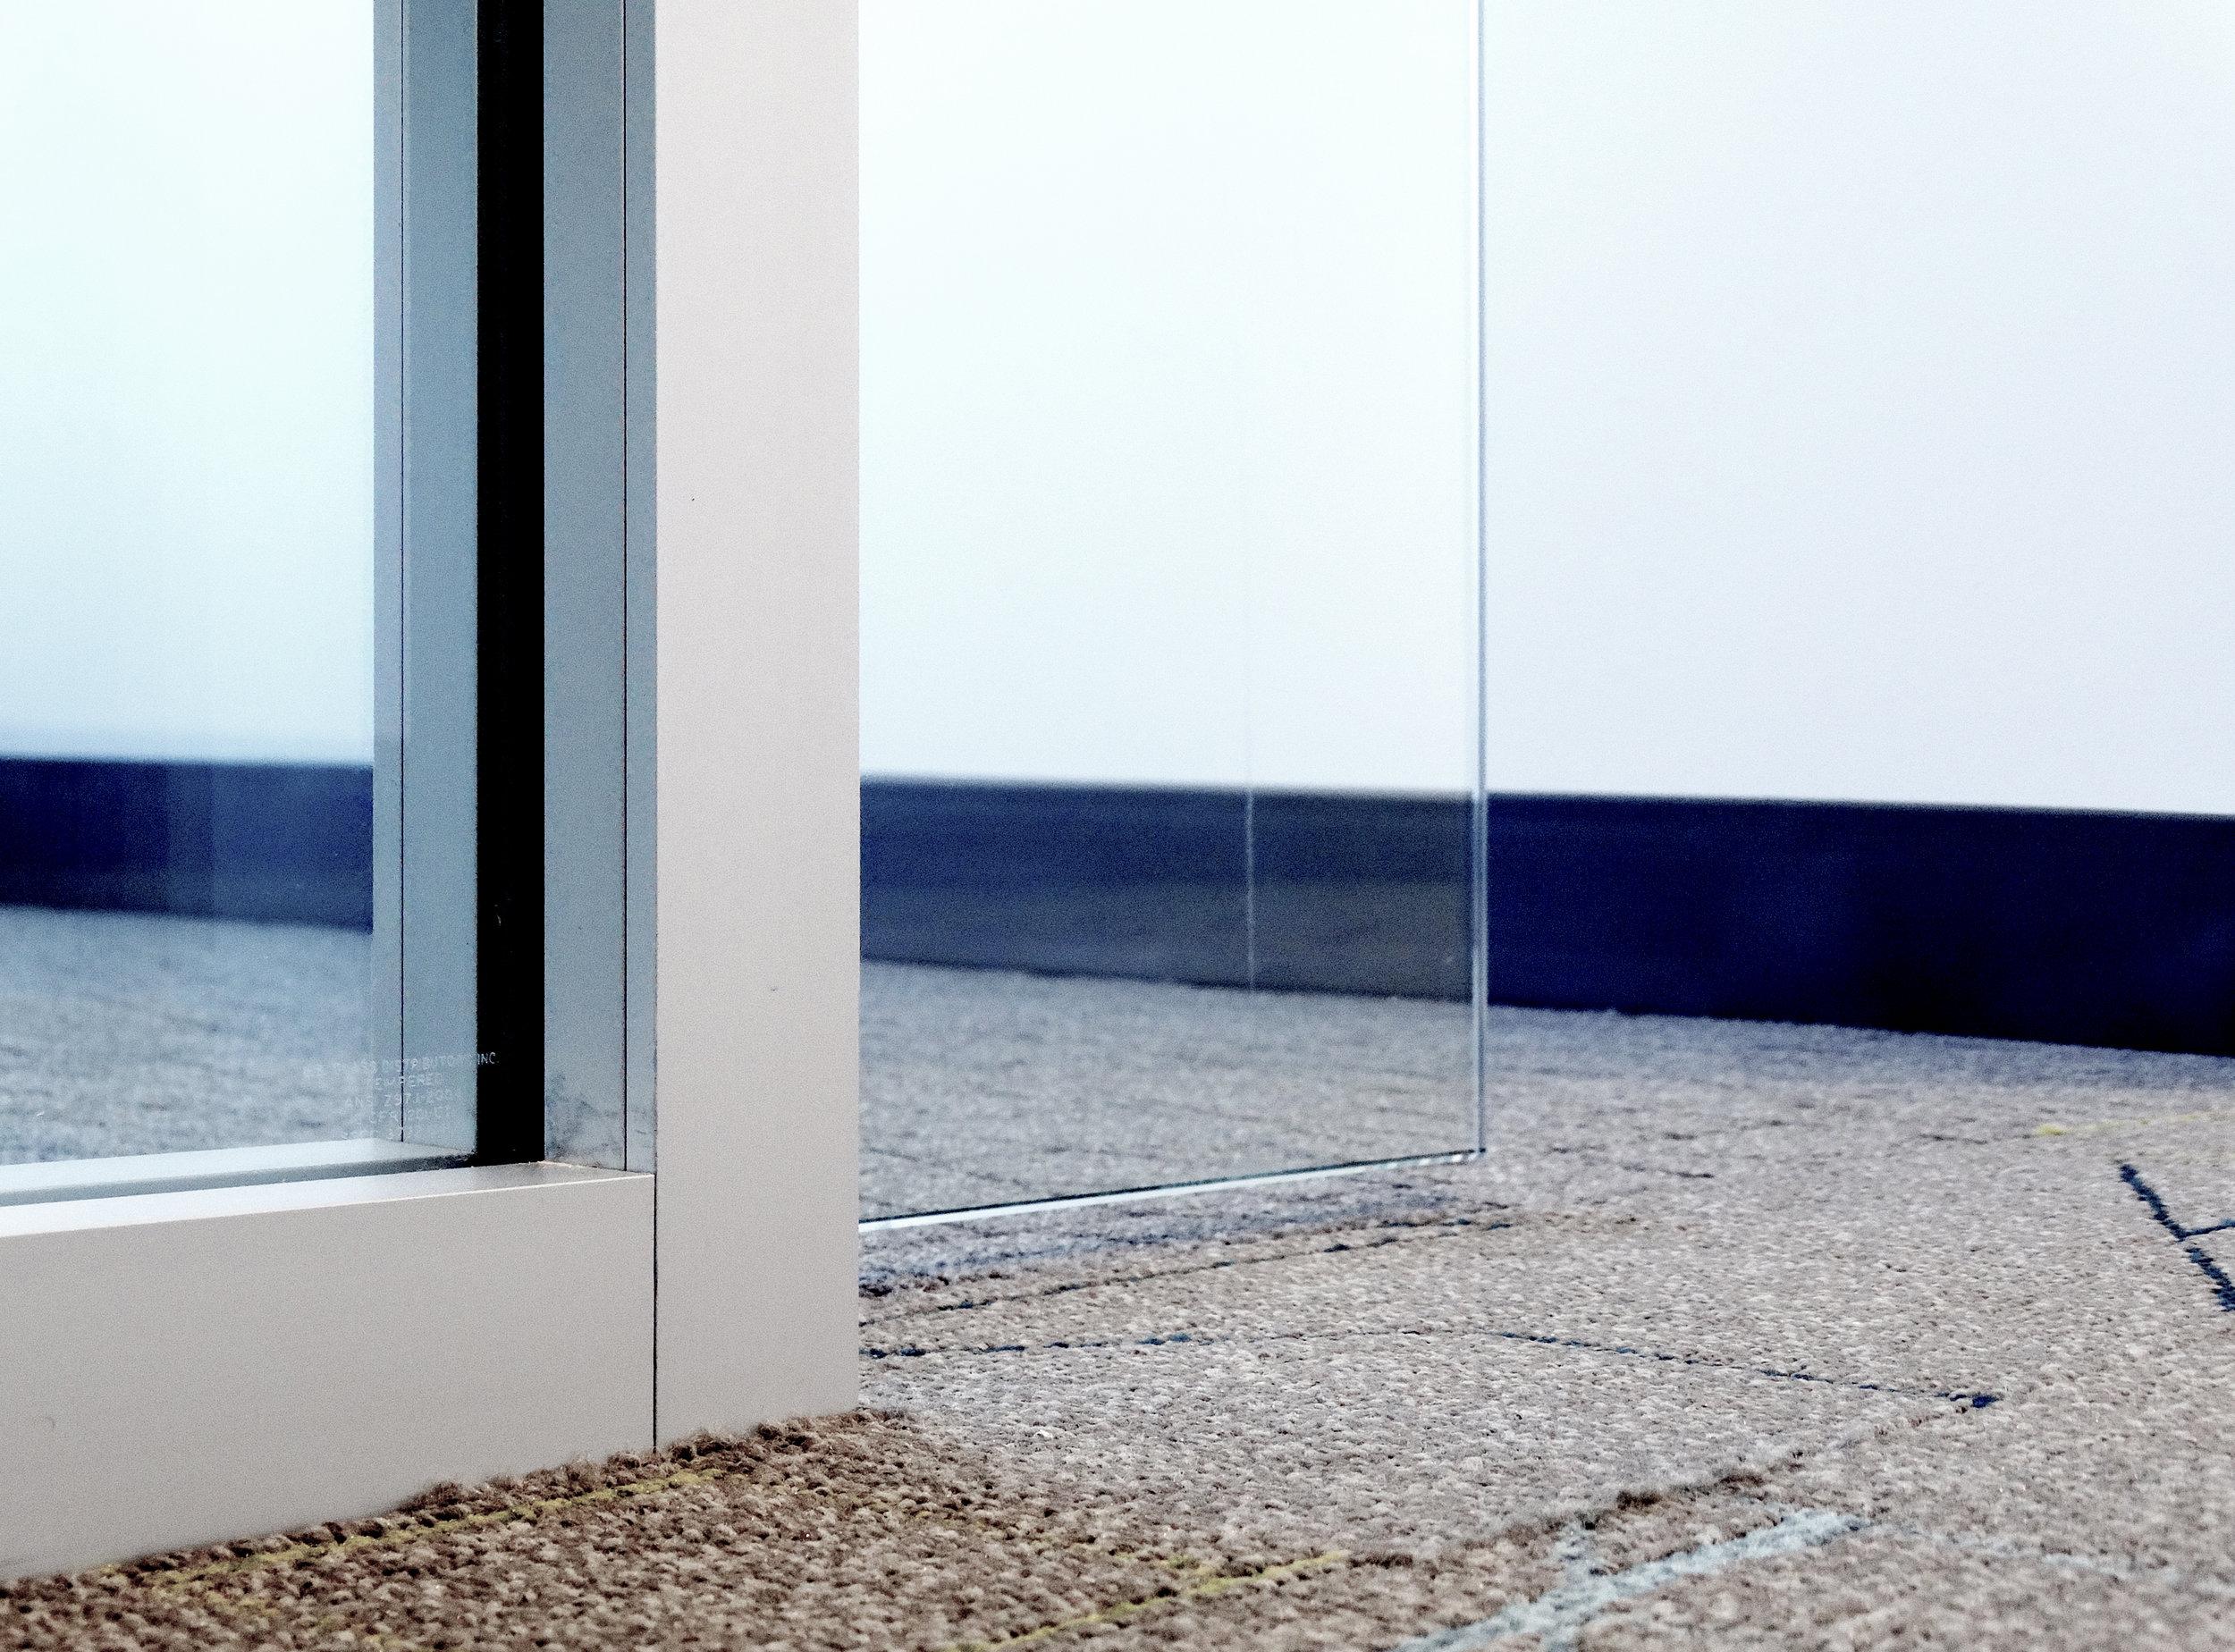 Litespace Frameless Glass Sliding Door Sidelite - Spaceworks AI.jpg